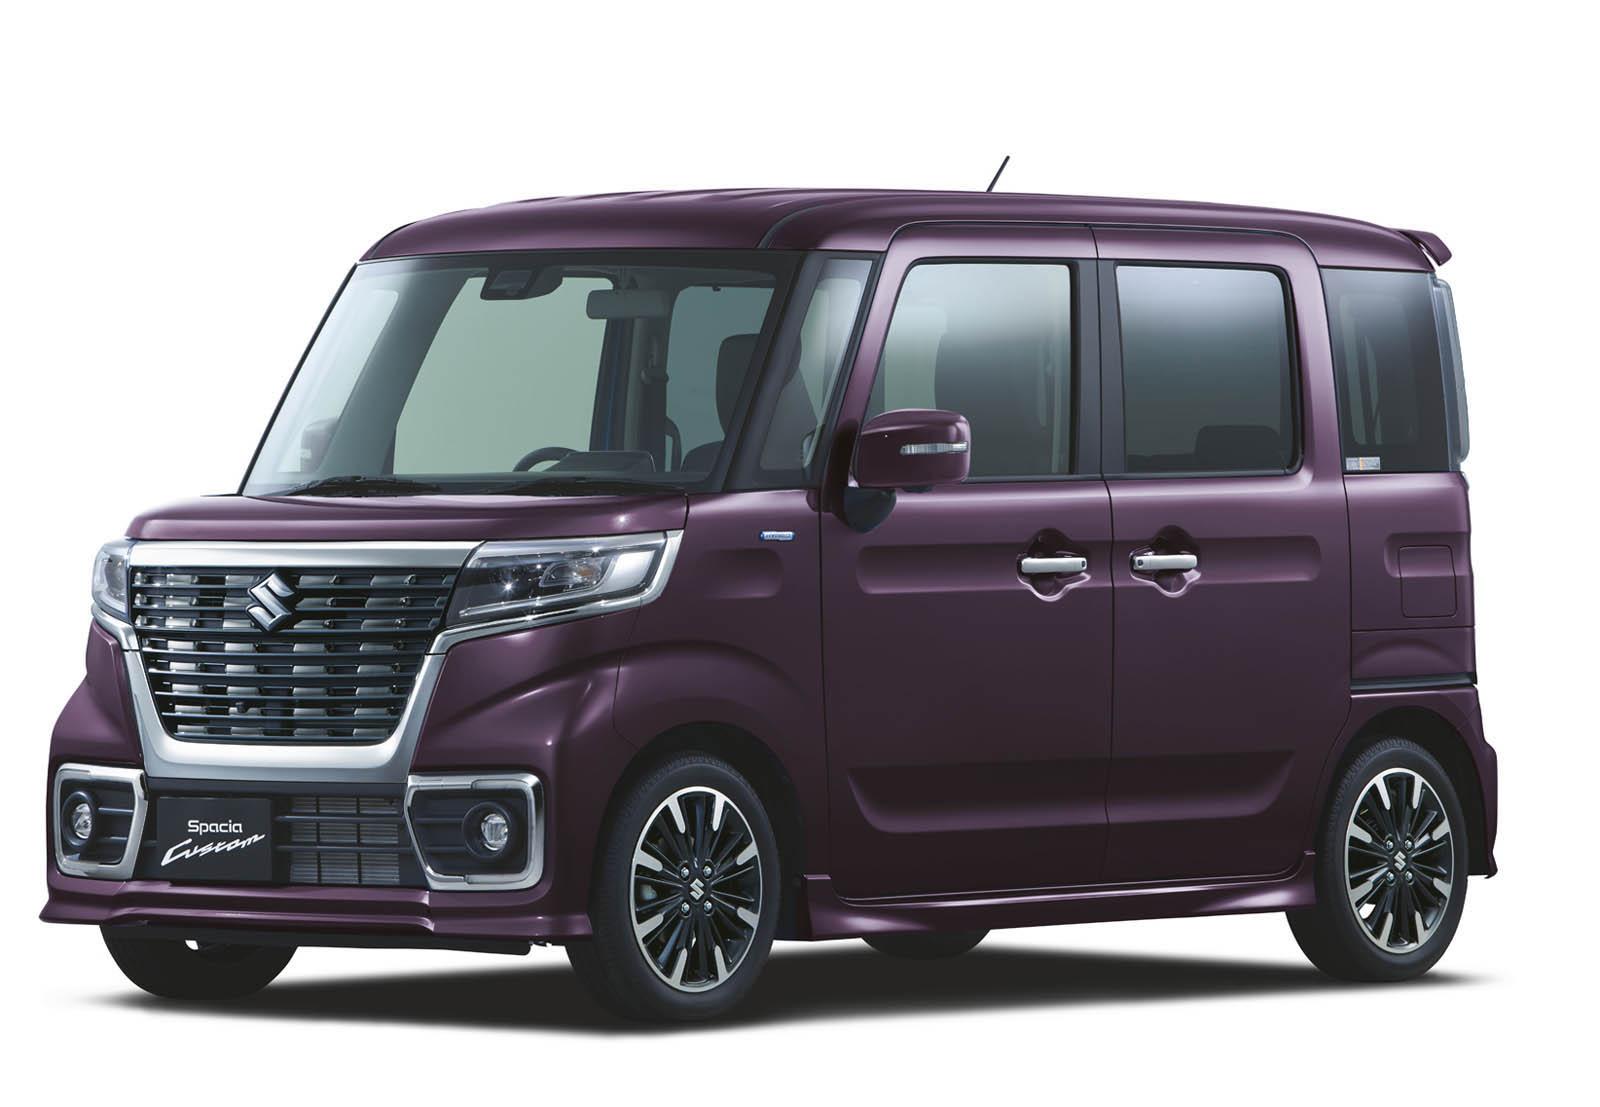 Suzuki Spacia 2018 (29)